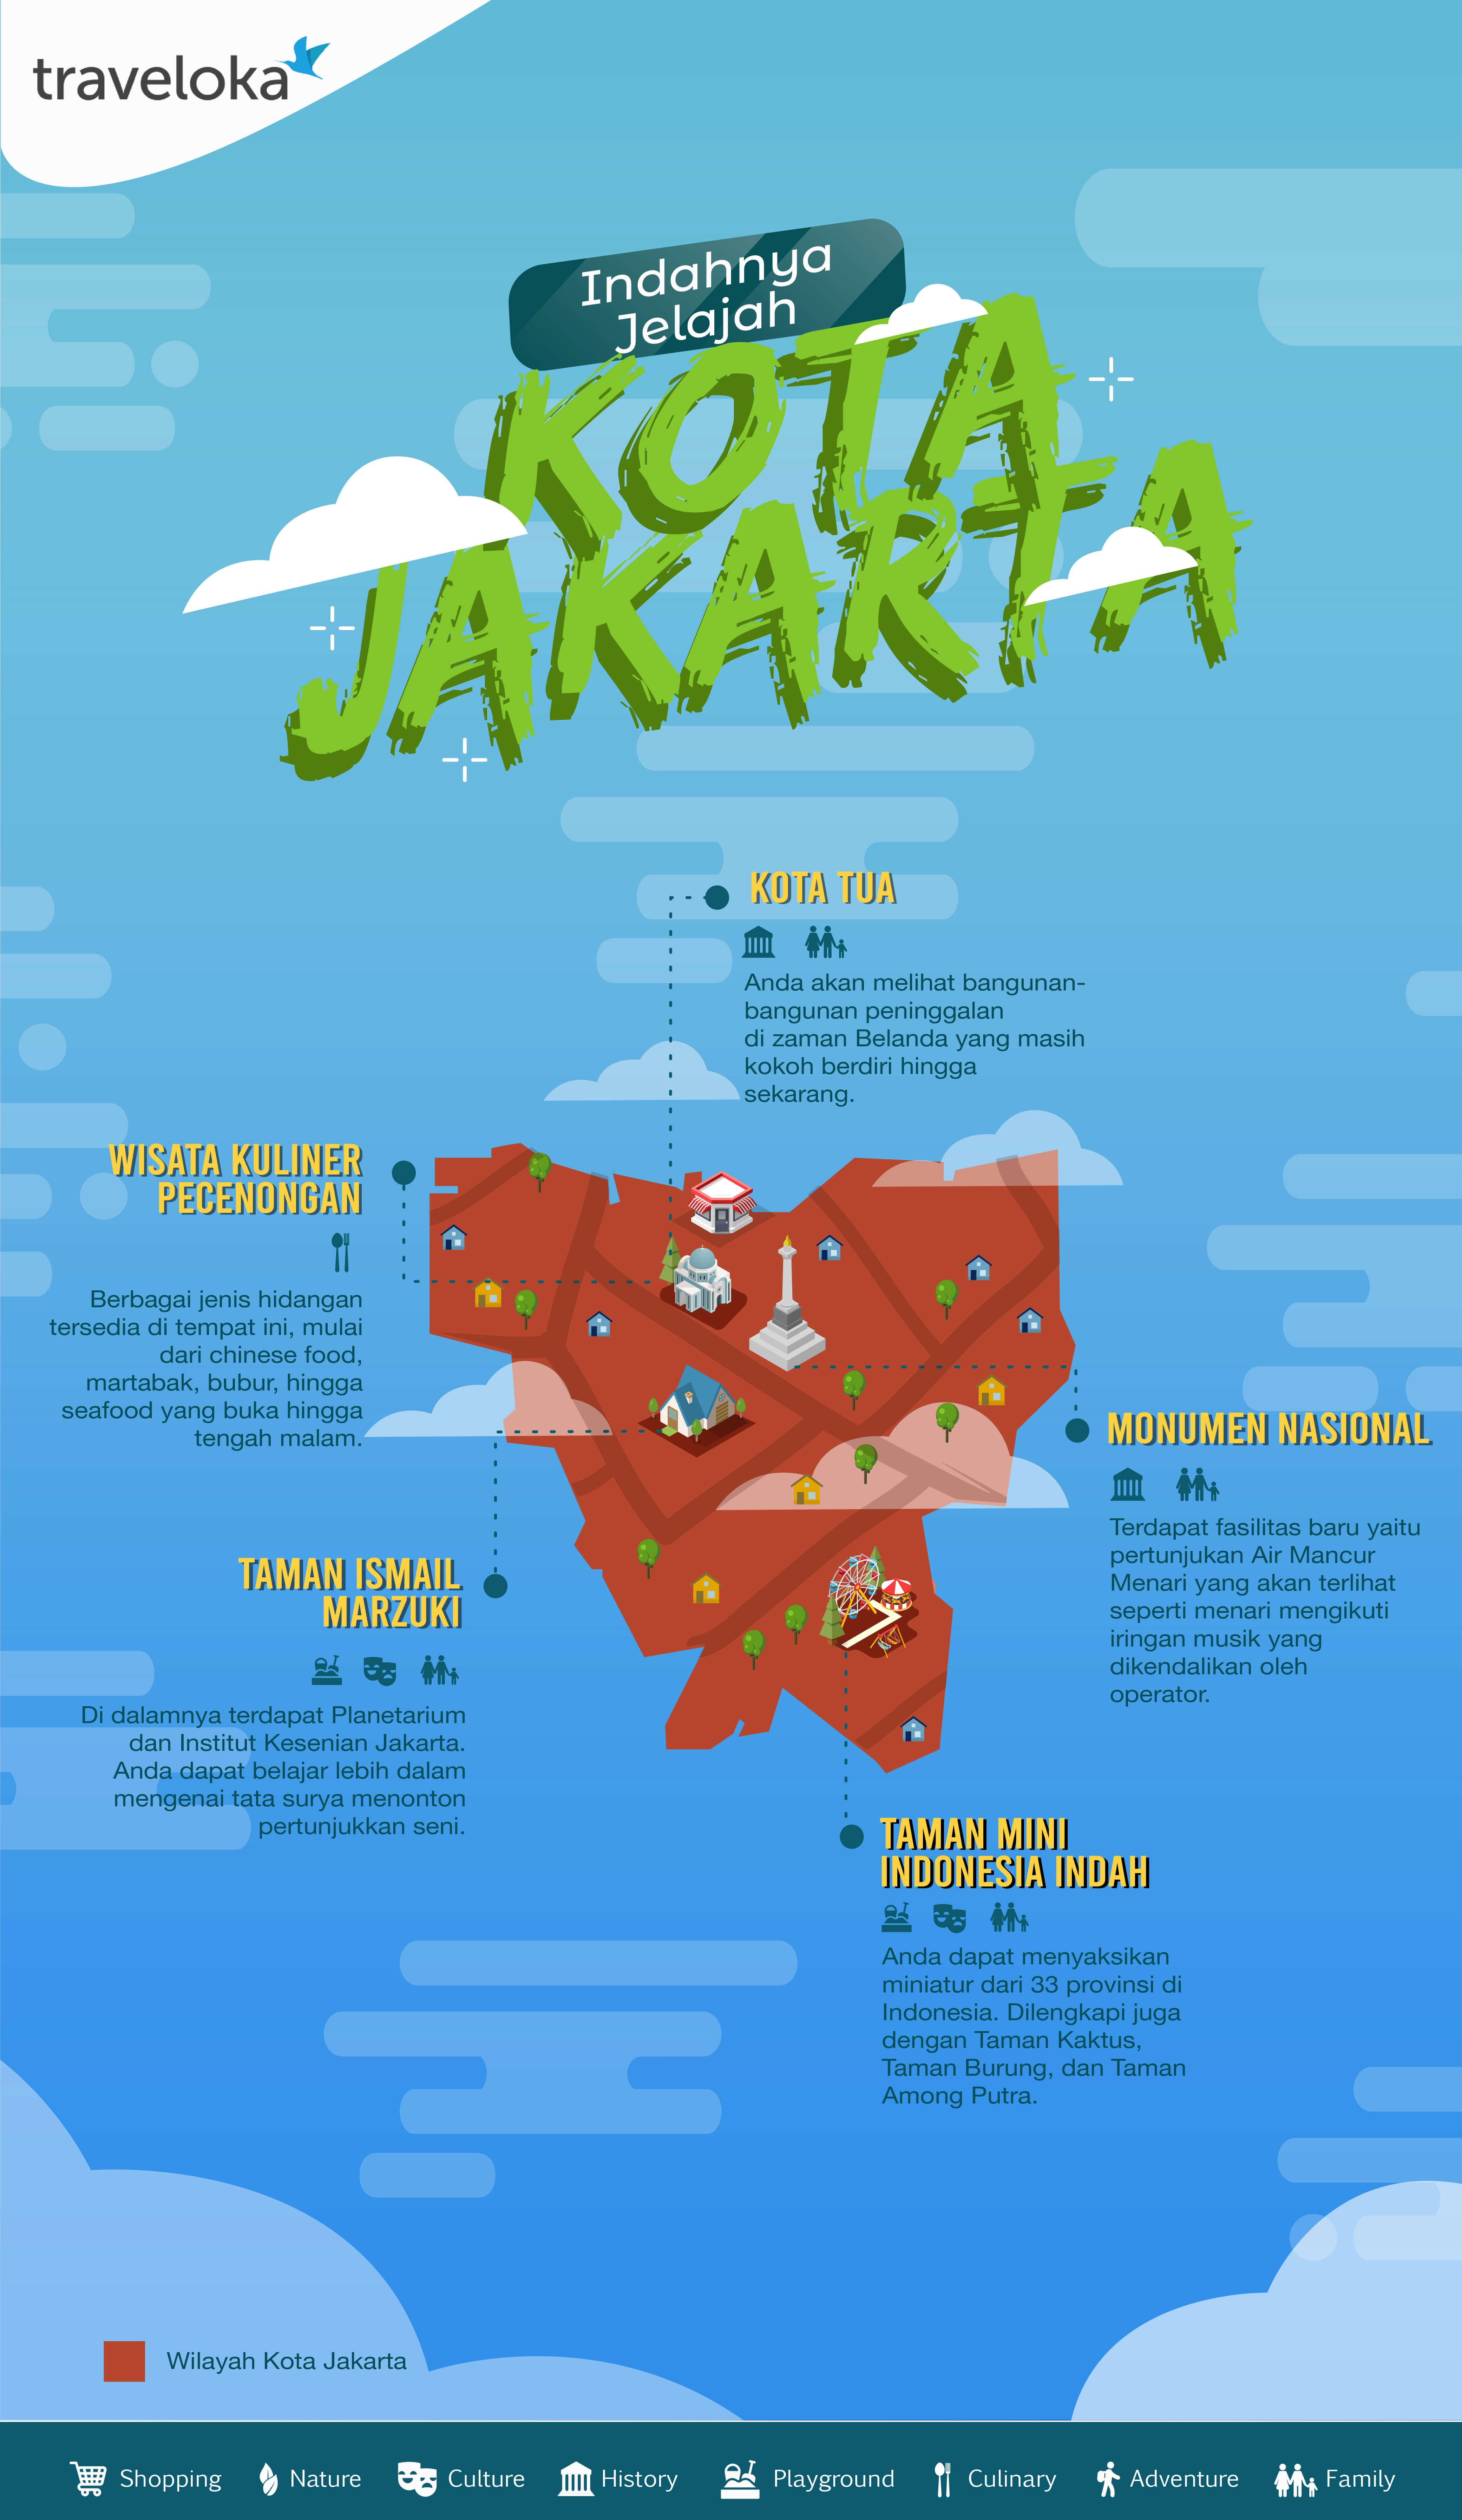 Wisata populer di Jakarta